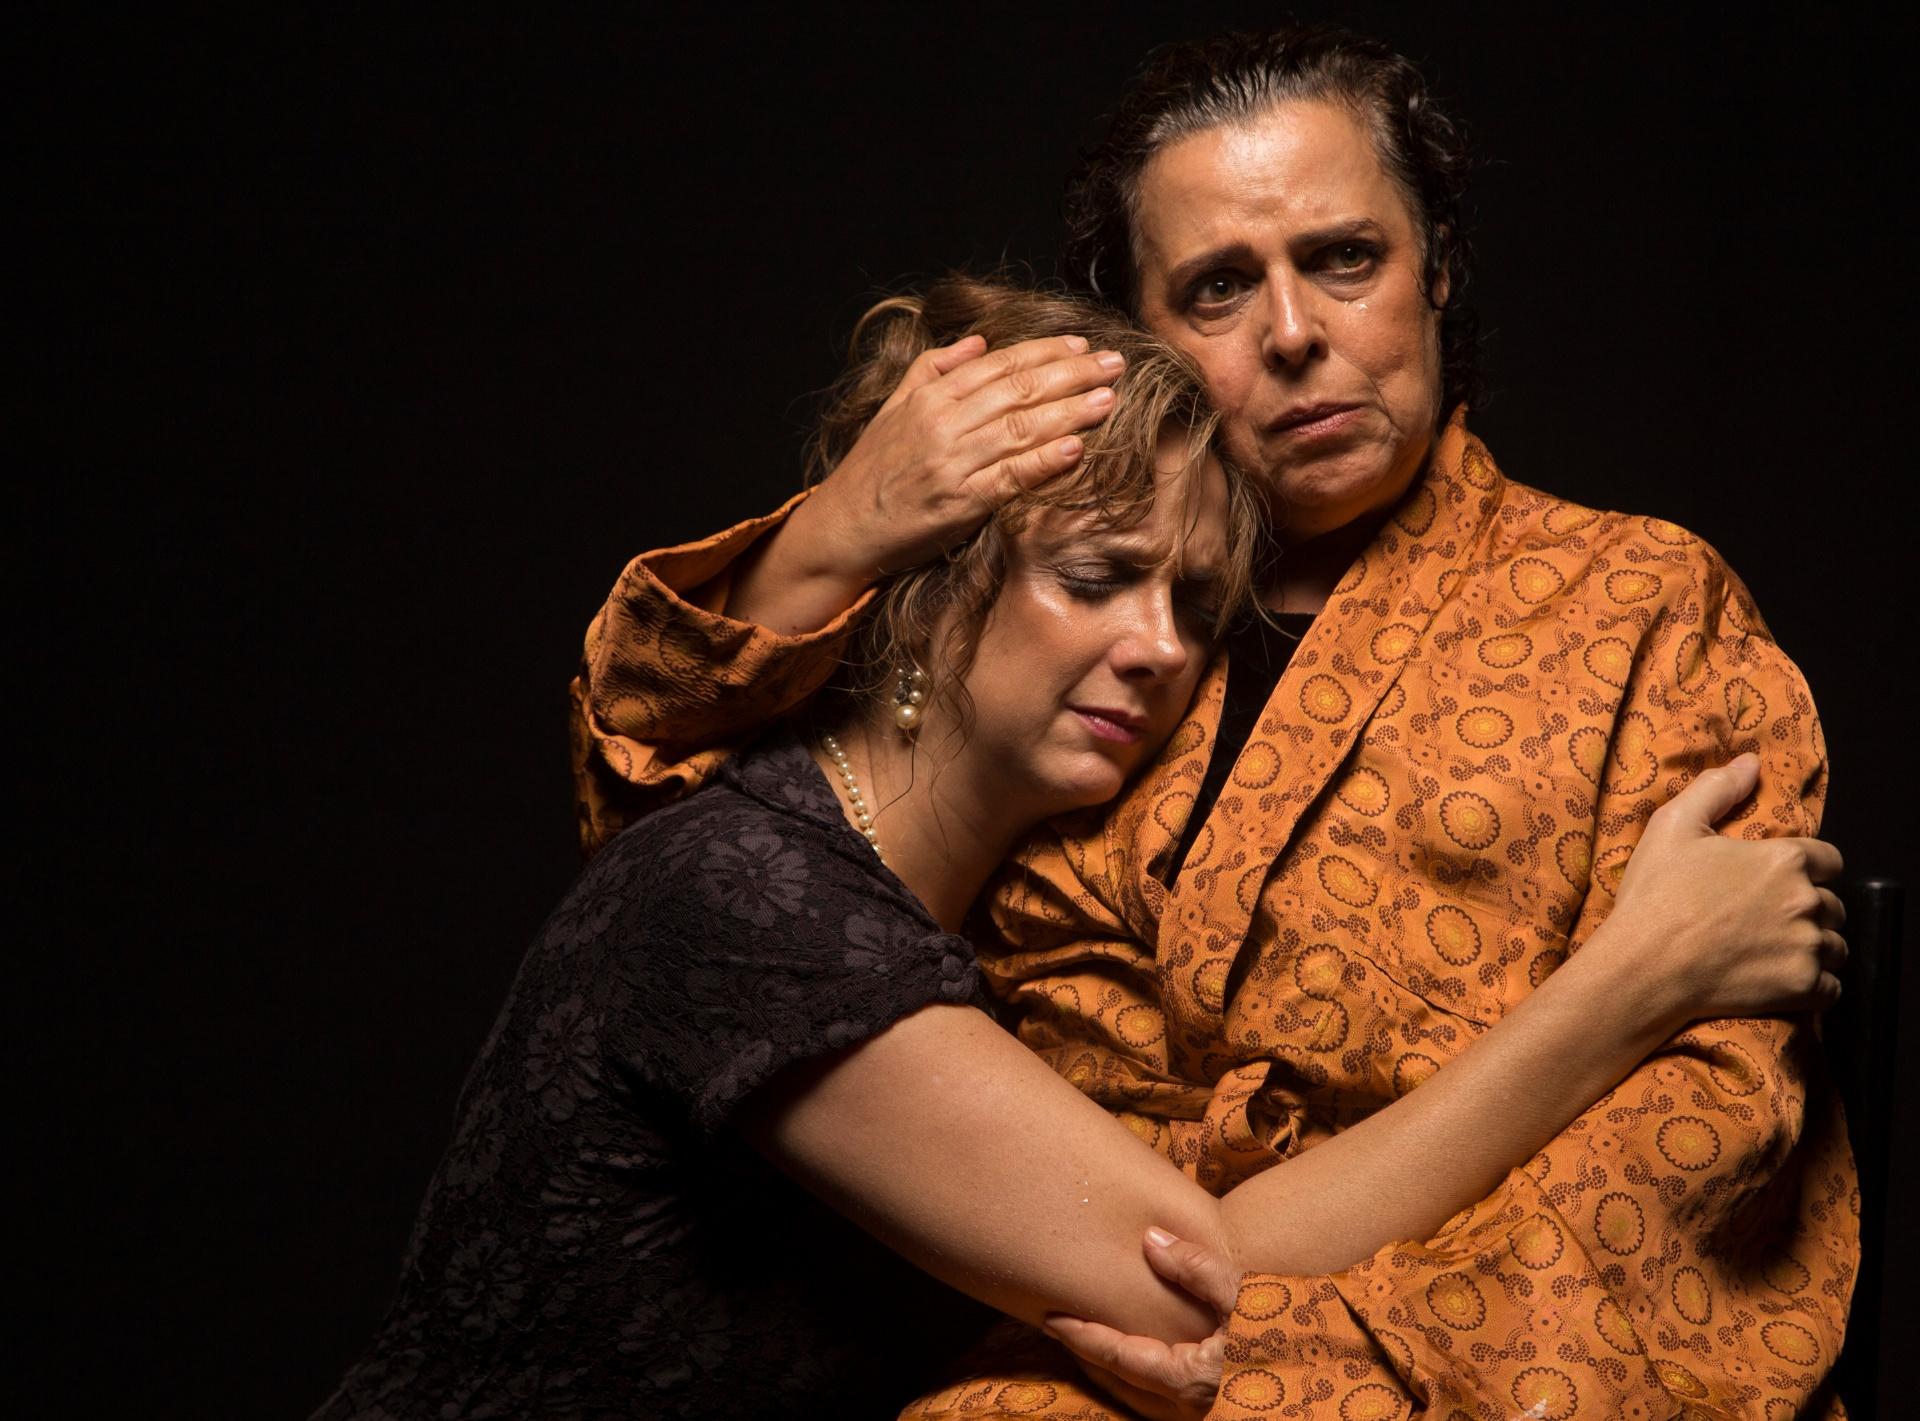 Depois de arrebatar público e crítica, Agosto reestreia em curta temporada de 30/8 a 29/9 no Teatro Porto Seguro